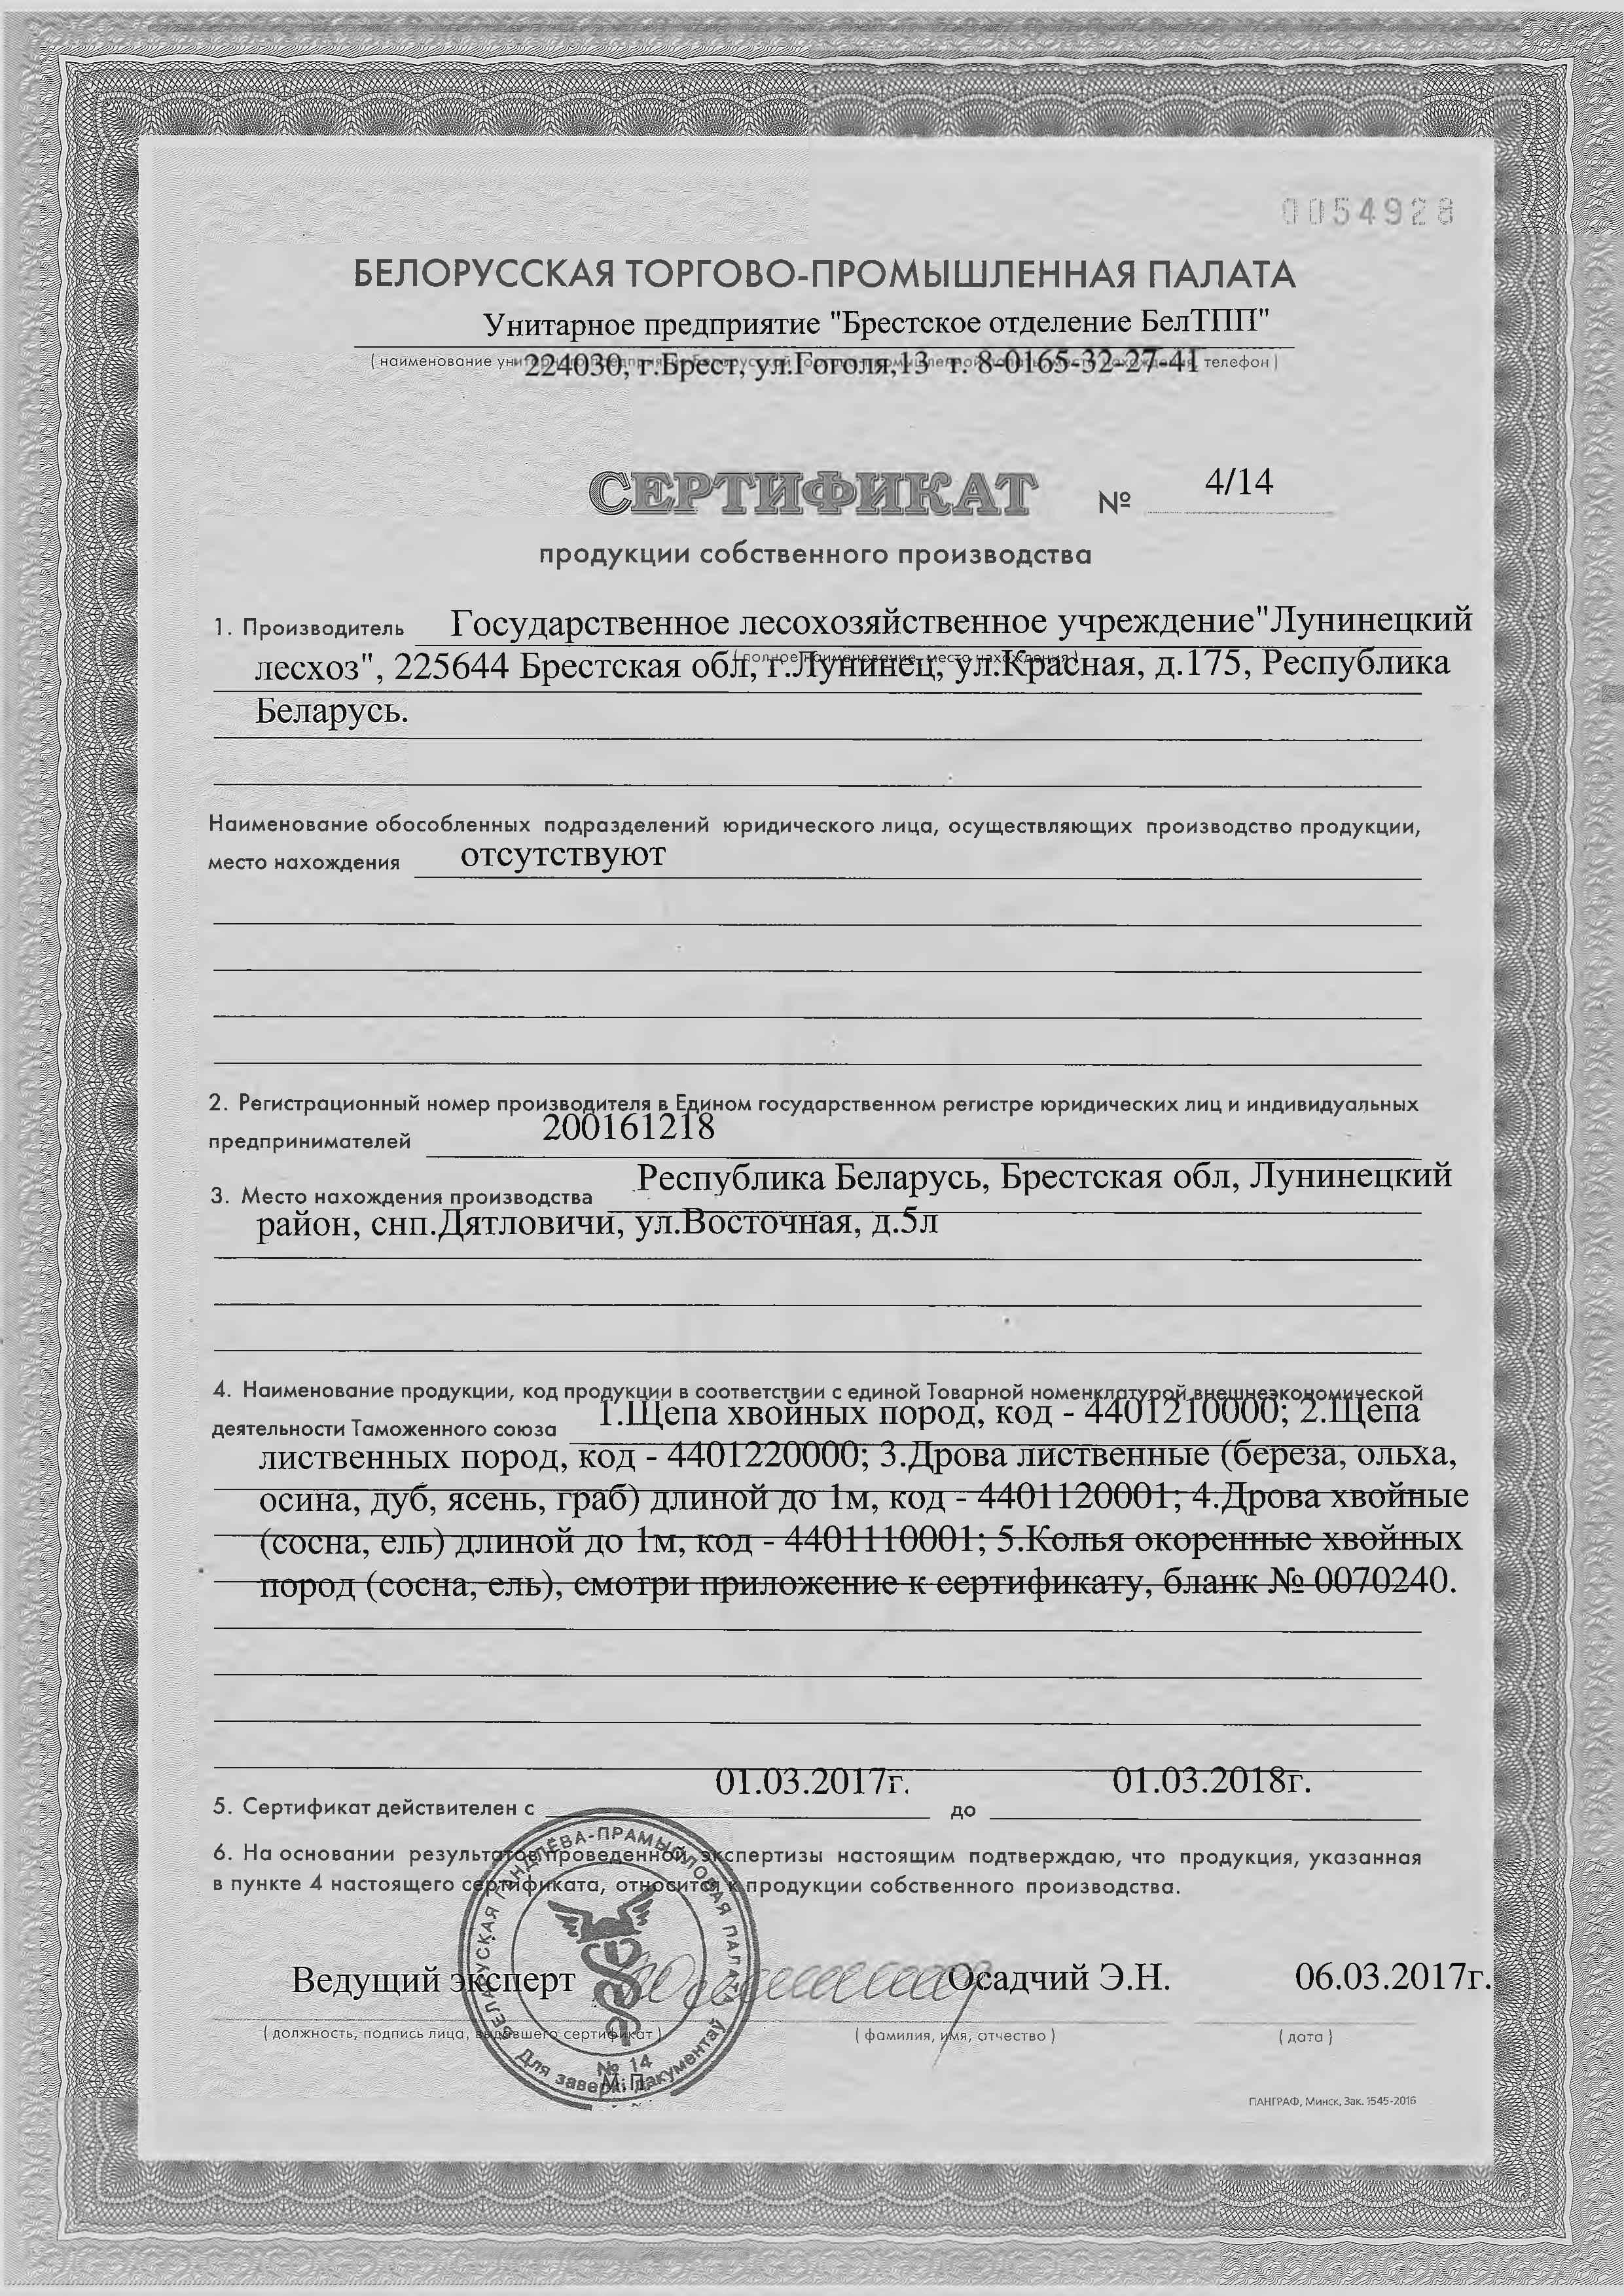 Сертификация юр лиц сертификация производства мибп